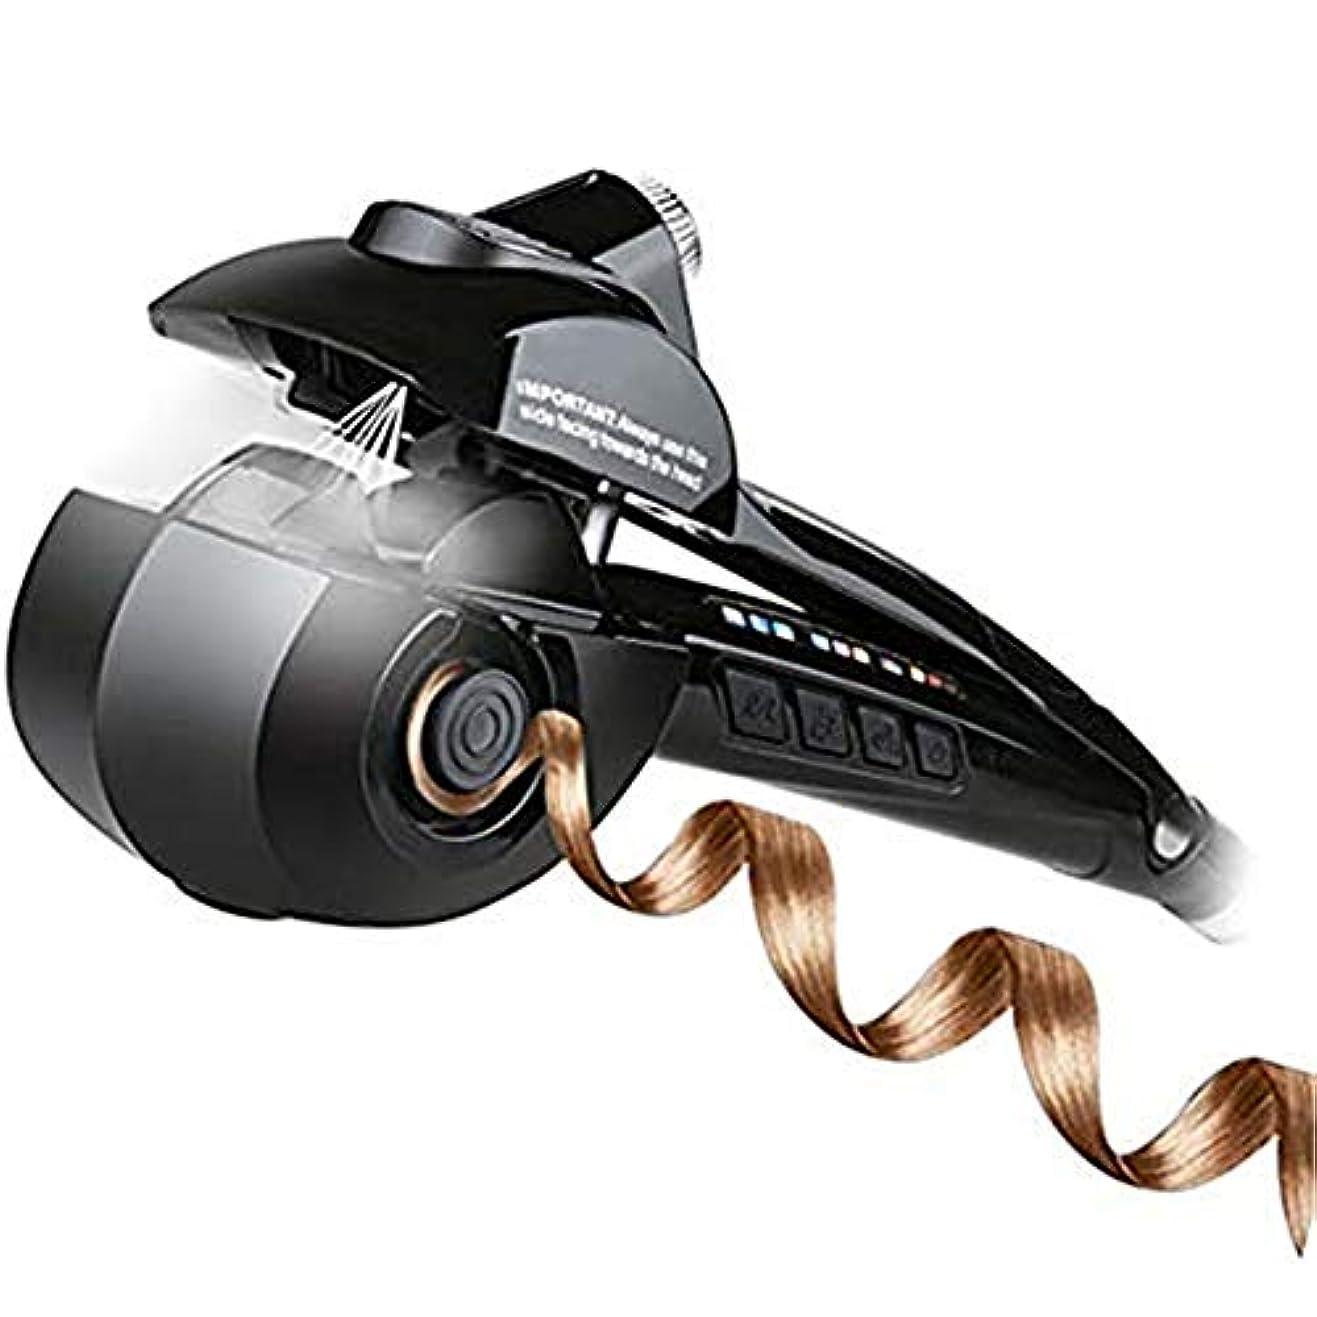 勝利歩行者脚本家自動ヘアカーラーセラミックカーリングアイロンプロフェッショナル回転波状ヘアカーラー用ウェットとドライヘア用LEDデジタルディスプレイ